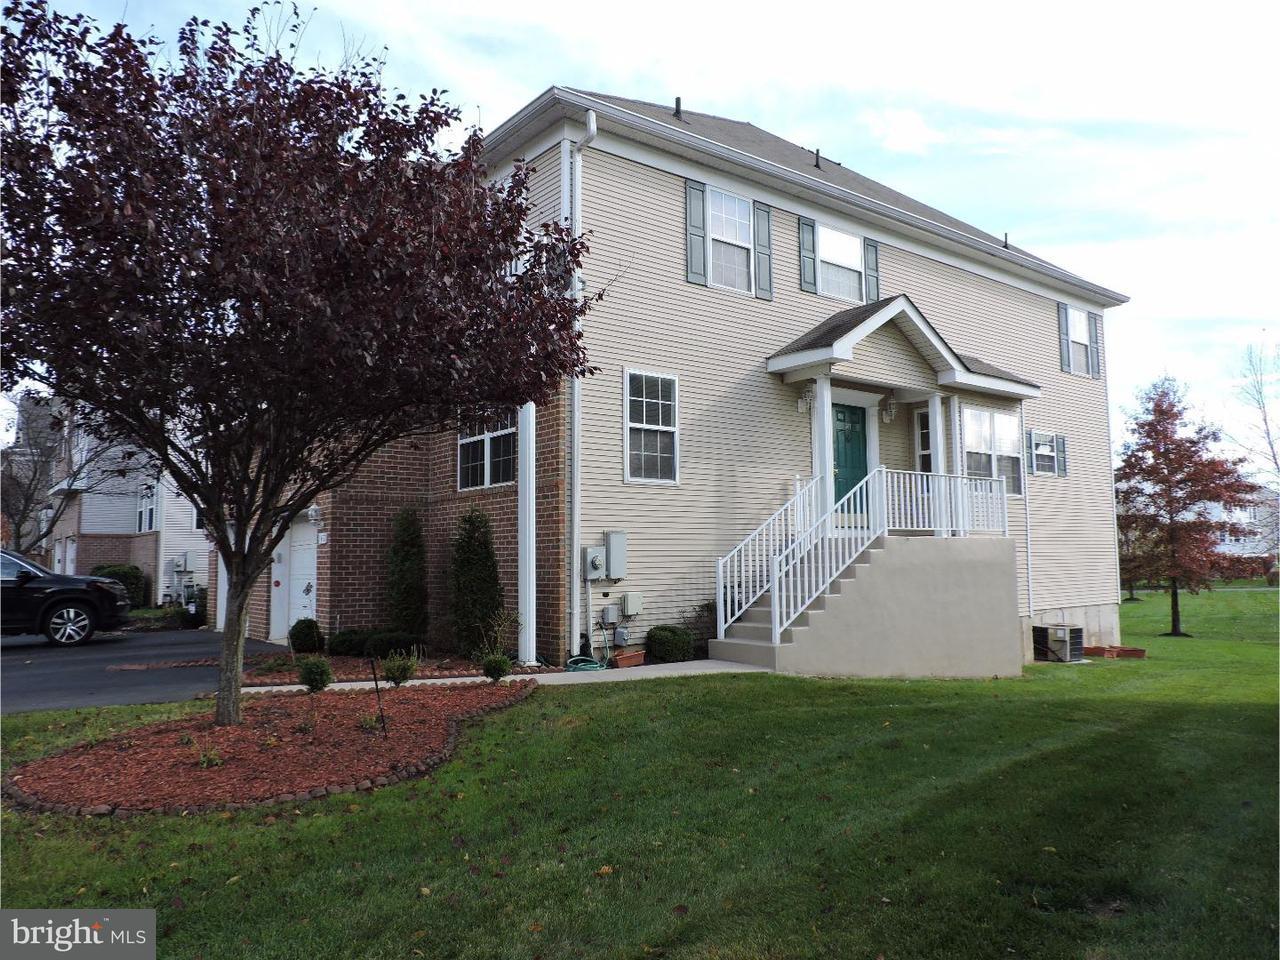 联栋屋 为 出租 在 147 FOUNTAYNE Lane 劳伦斯维尔, 新泽西州 08648 美国在/周边: Lawrence Township